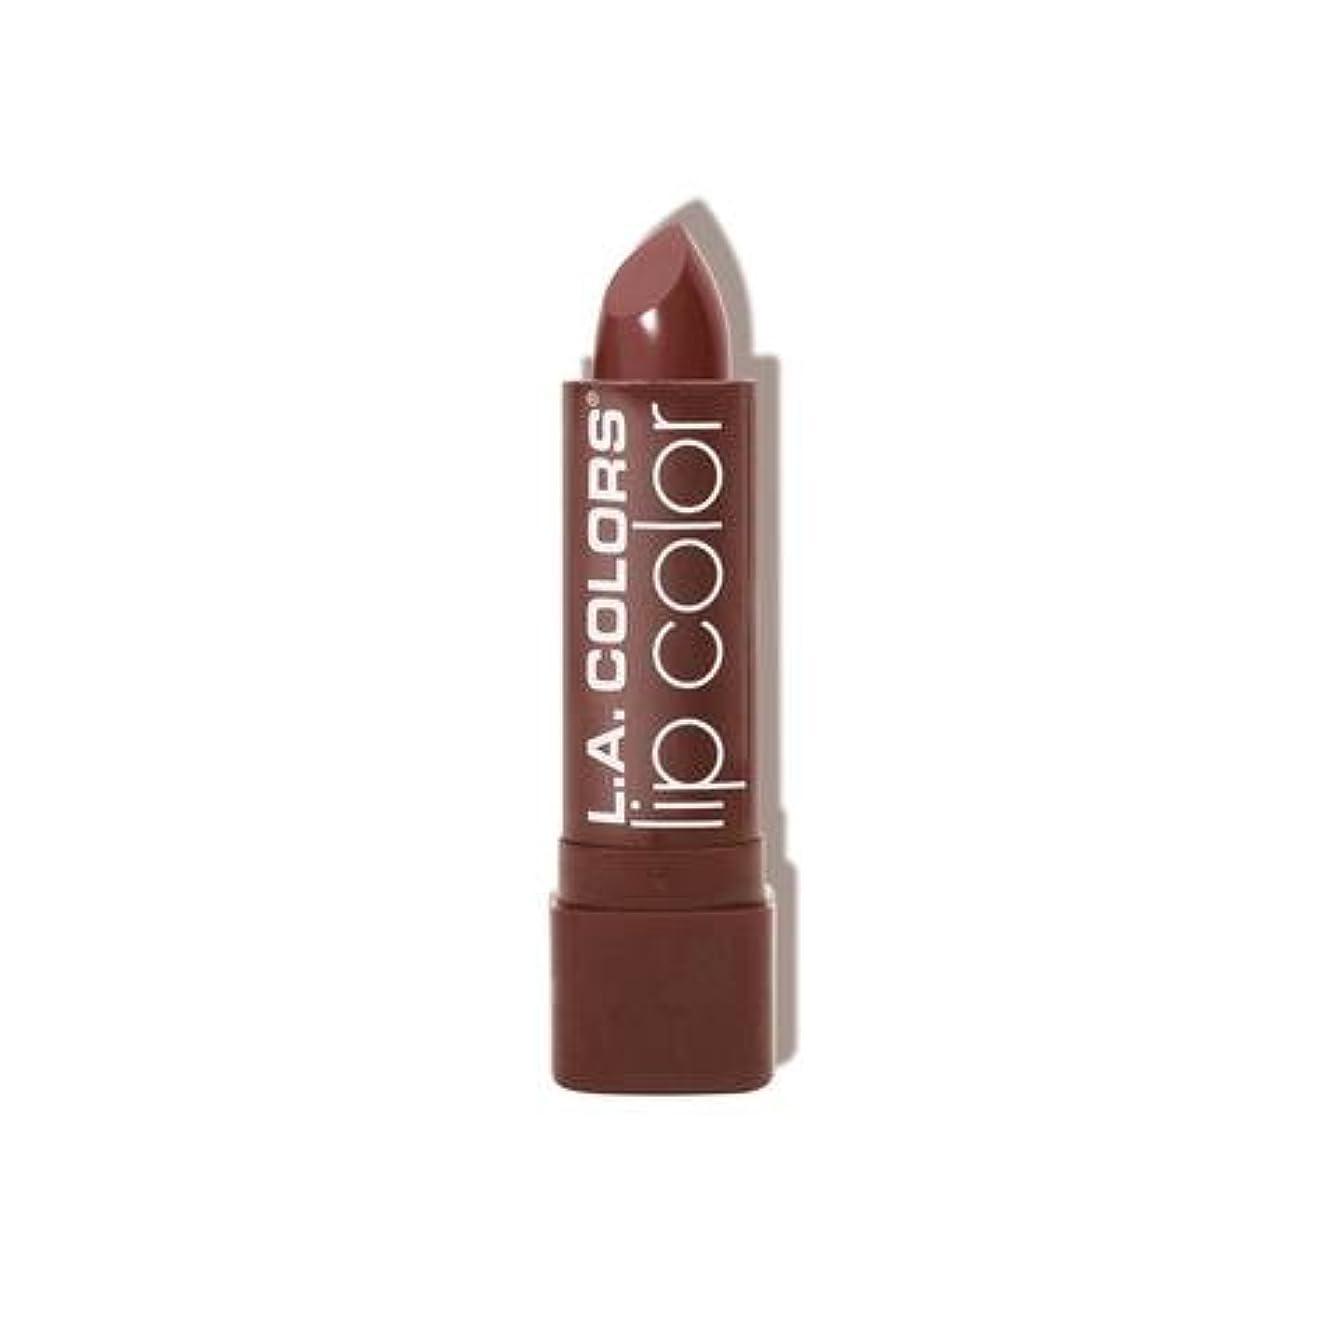 マルクス主義者管理夜明けに(6 Pack) L.A. COLORS Moisture Rich Lip Color - Taupe Envy (並行輸入品)